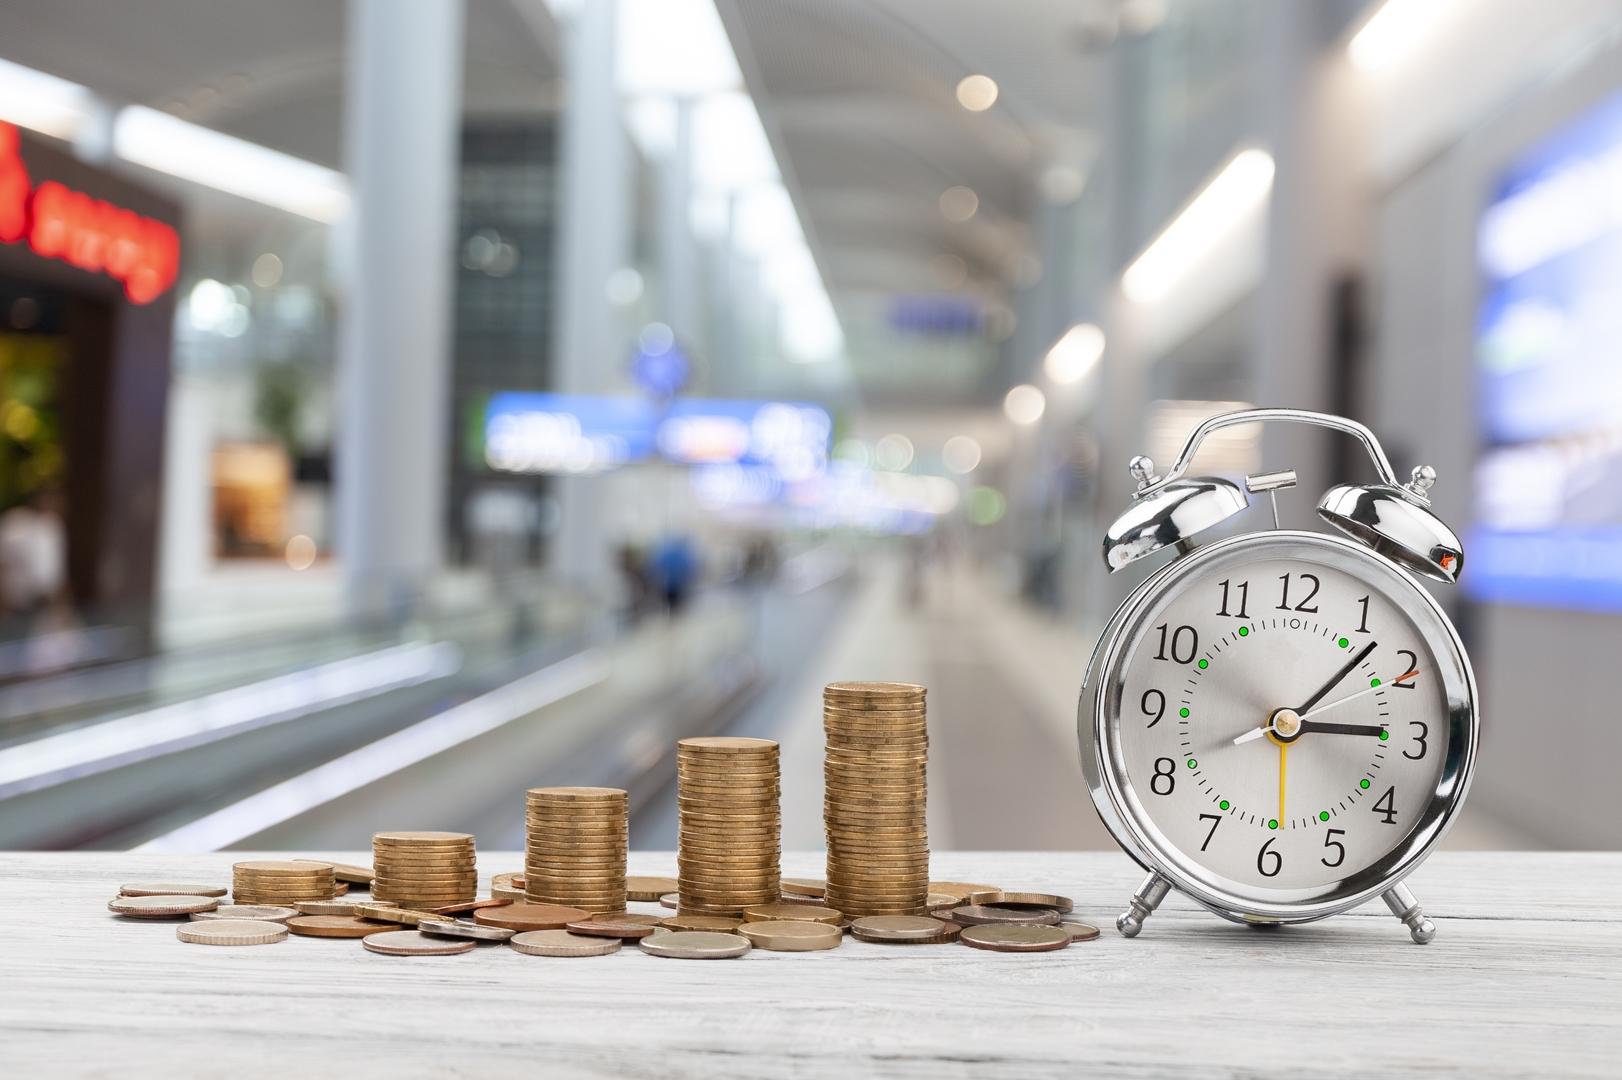 Das Bild zeigt eine Alarmglocke mit Geld. Es geht um die Zinsbindung. Der Sollzins ist ein bestehender Teil von nahezu jedem Darlehen.